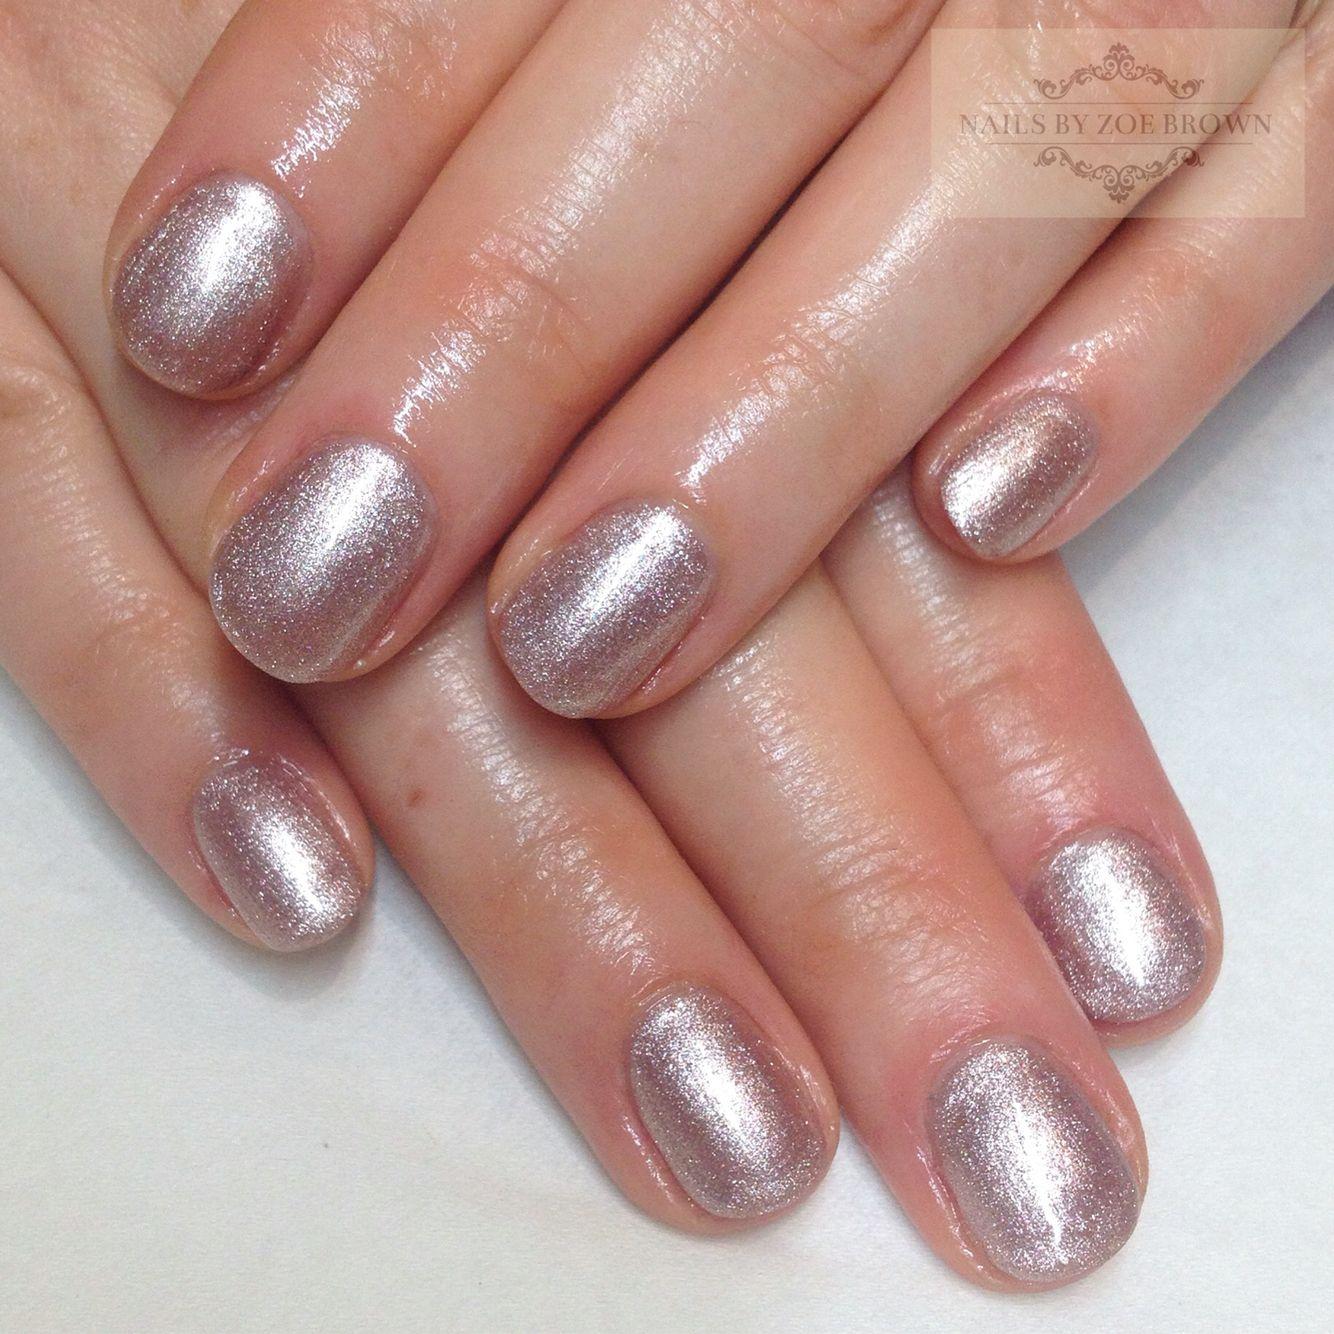 Cnd Shellac Safety Pin Nails Nails Pinterest Shellac